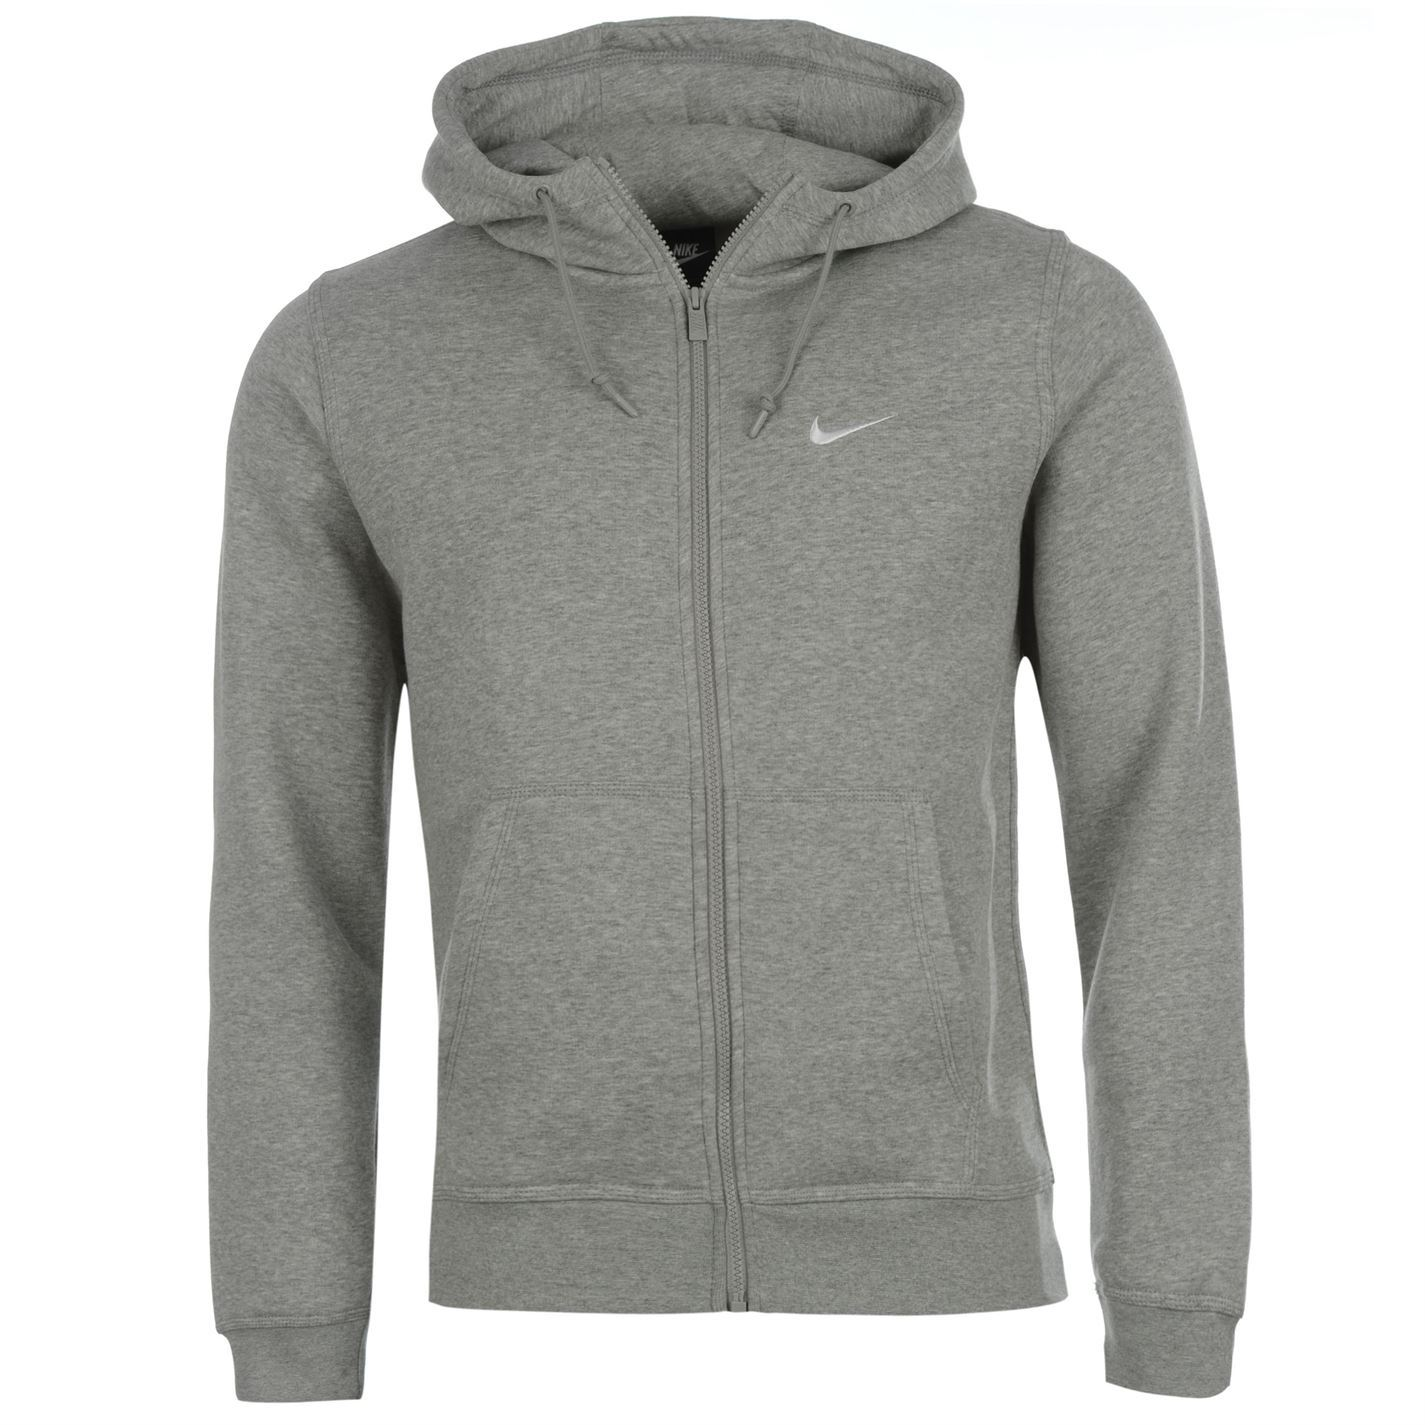 Nike-Fundamentals-Full-Zip-Hoody-Jacket-Mens-Hoodie-Sweatshirt-Sweater-Top thumbnail 21